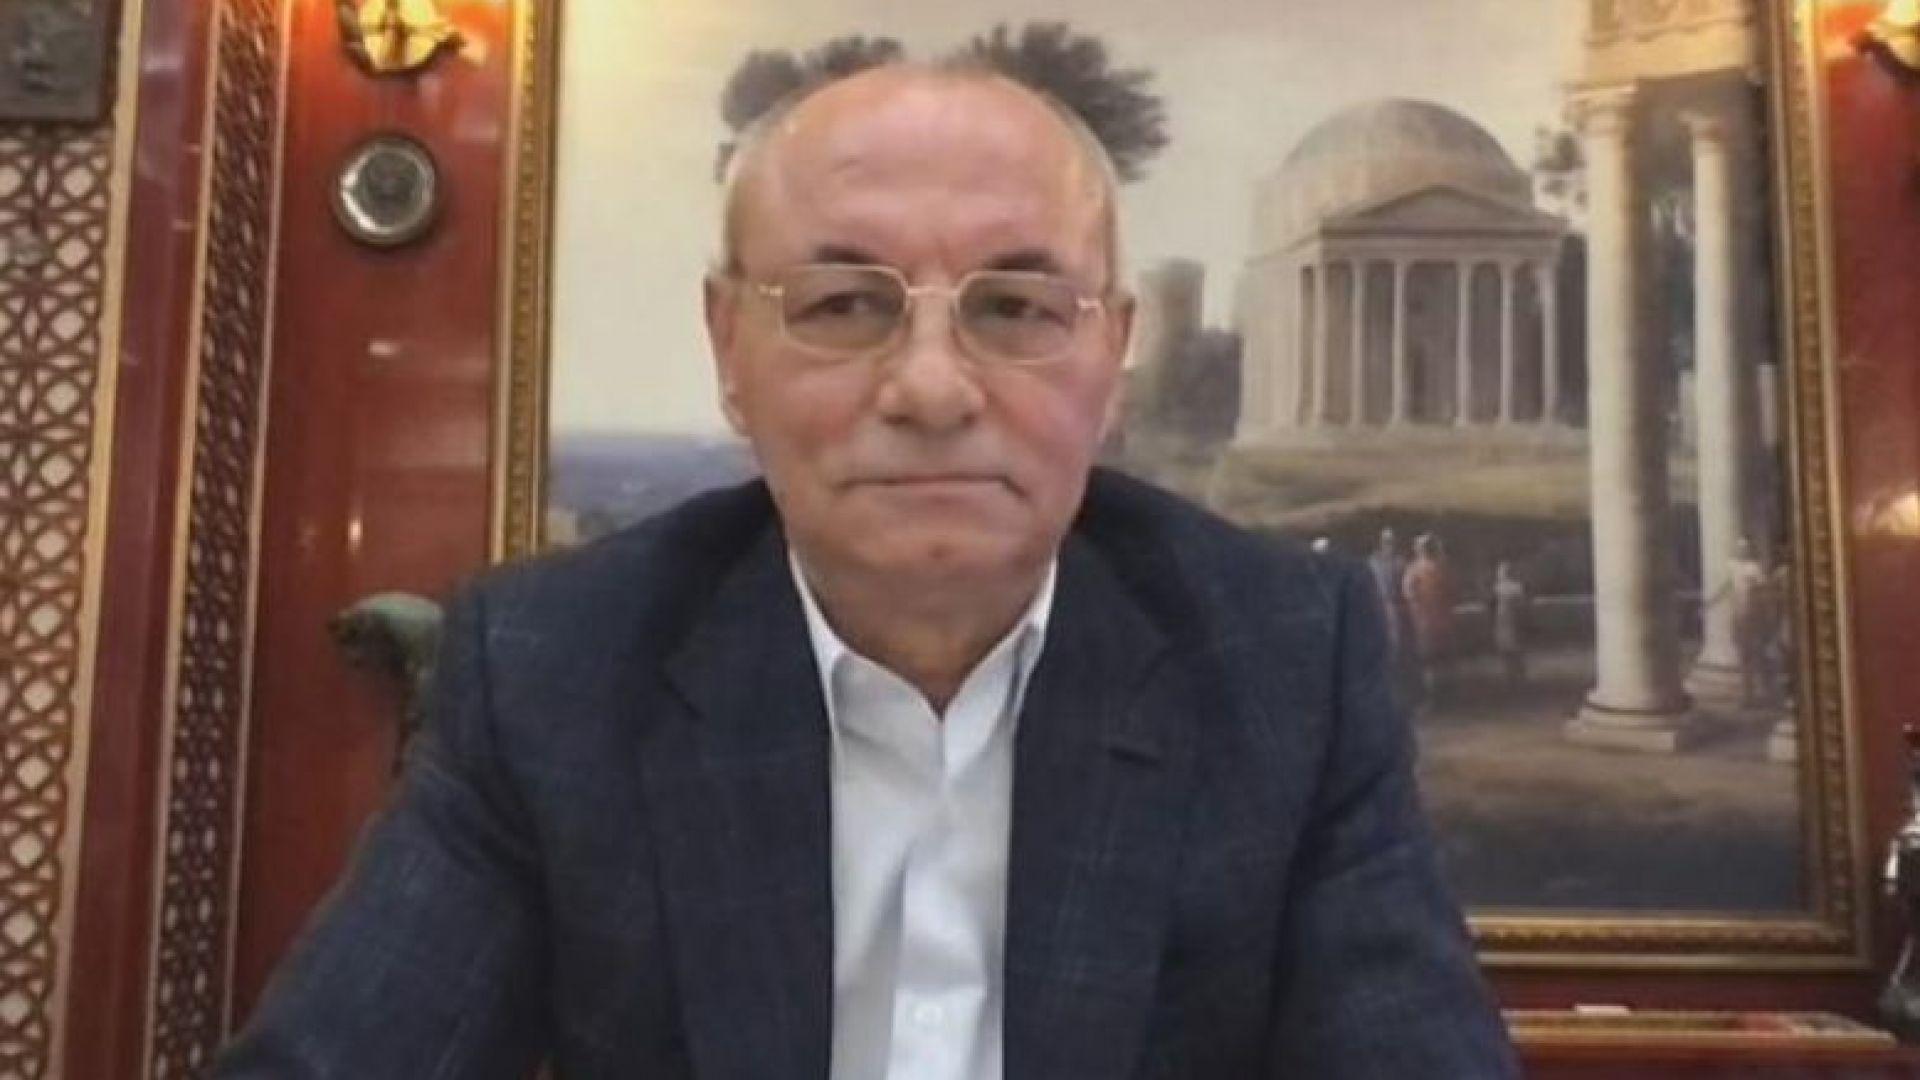 Ахмед Доган пред партията: ДПС - крачка пред другите, но не ставайте враг на всички (видео)